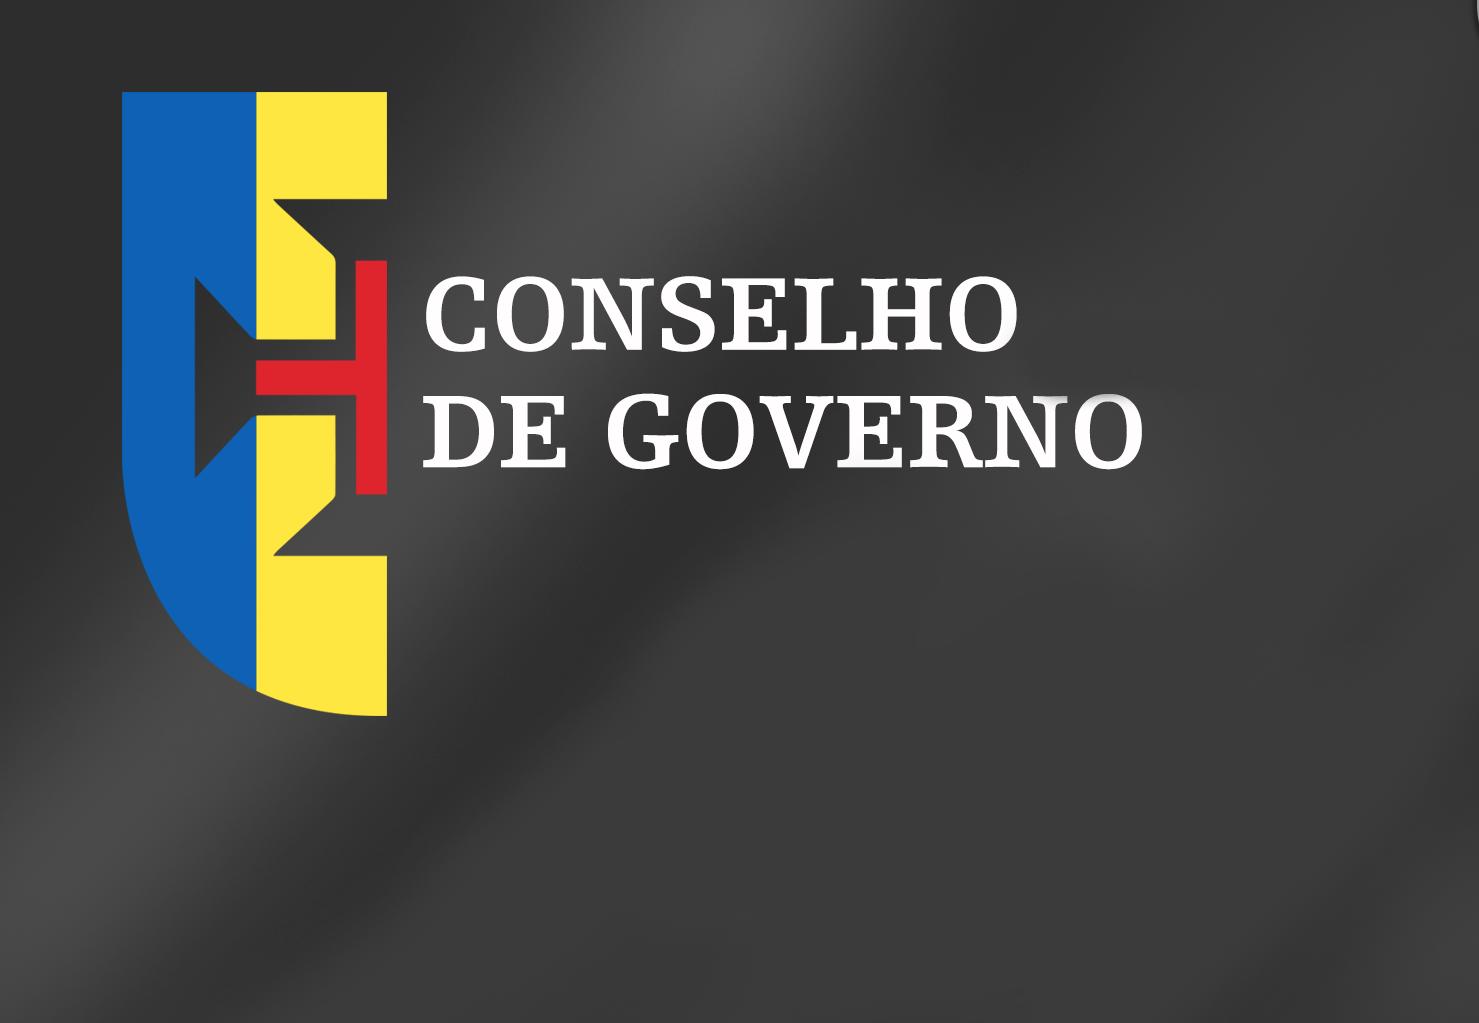 Conclusões Conselho de Governo - 23 de maio de 2019